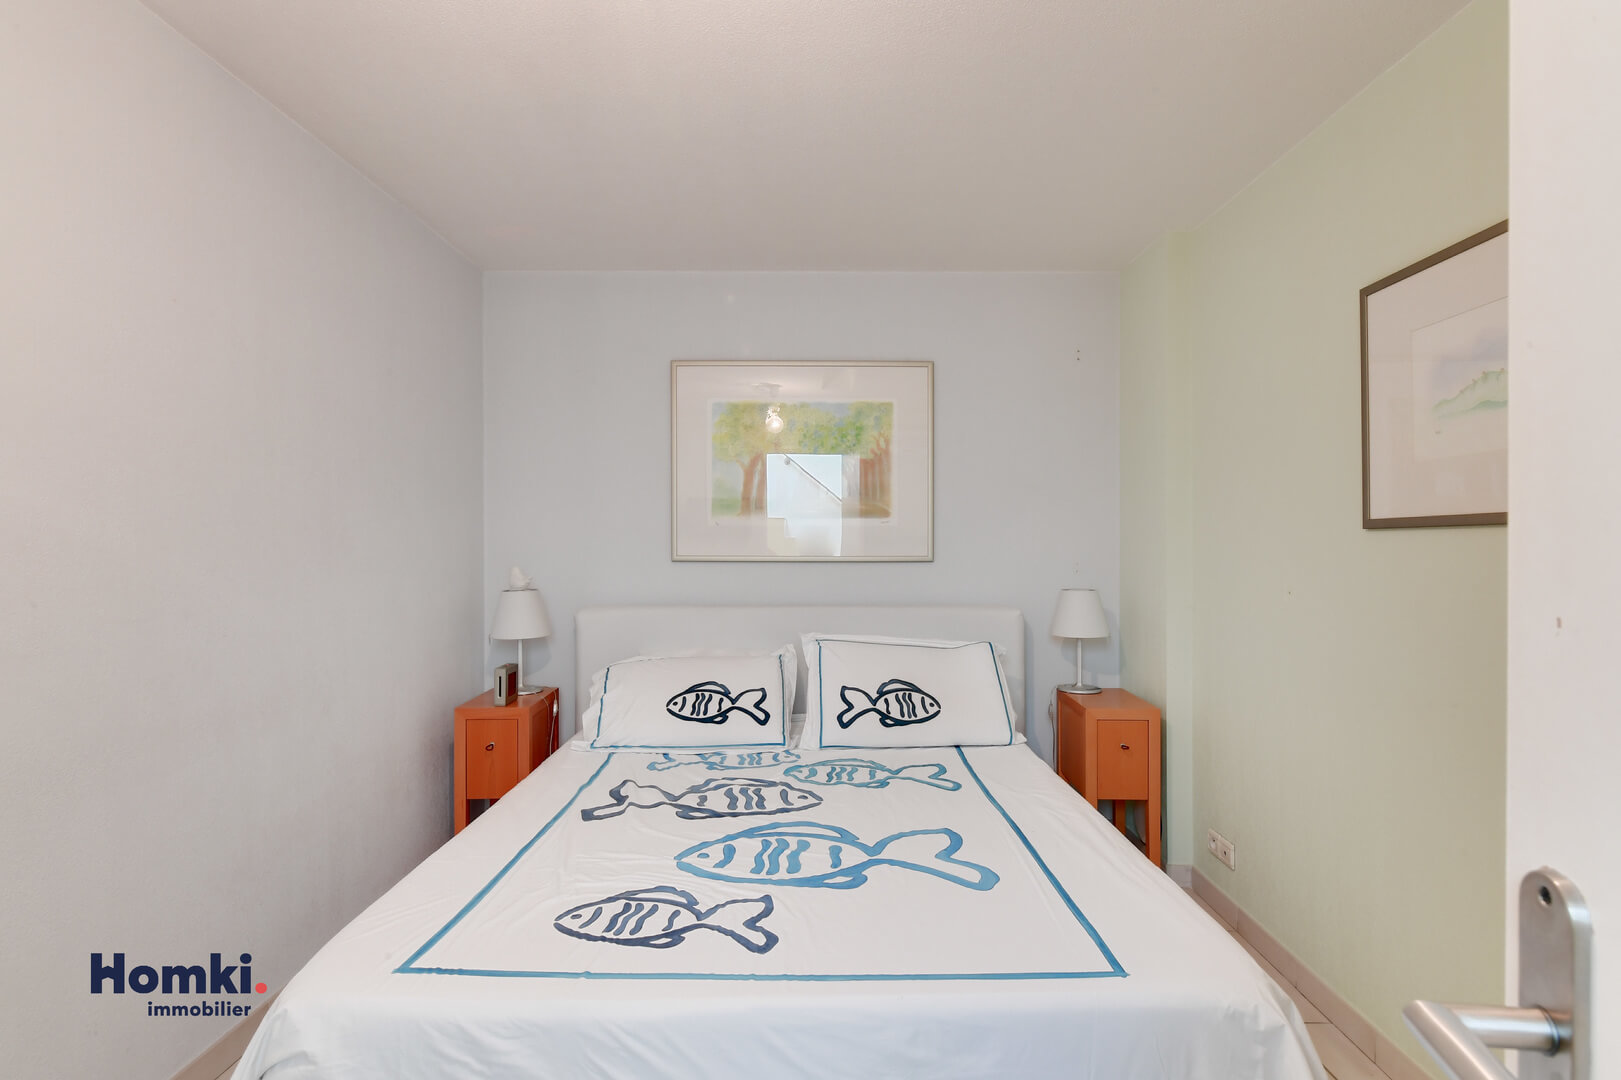 Vente appartement duplex Antibes 06600 T4 90m²_10